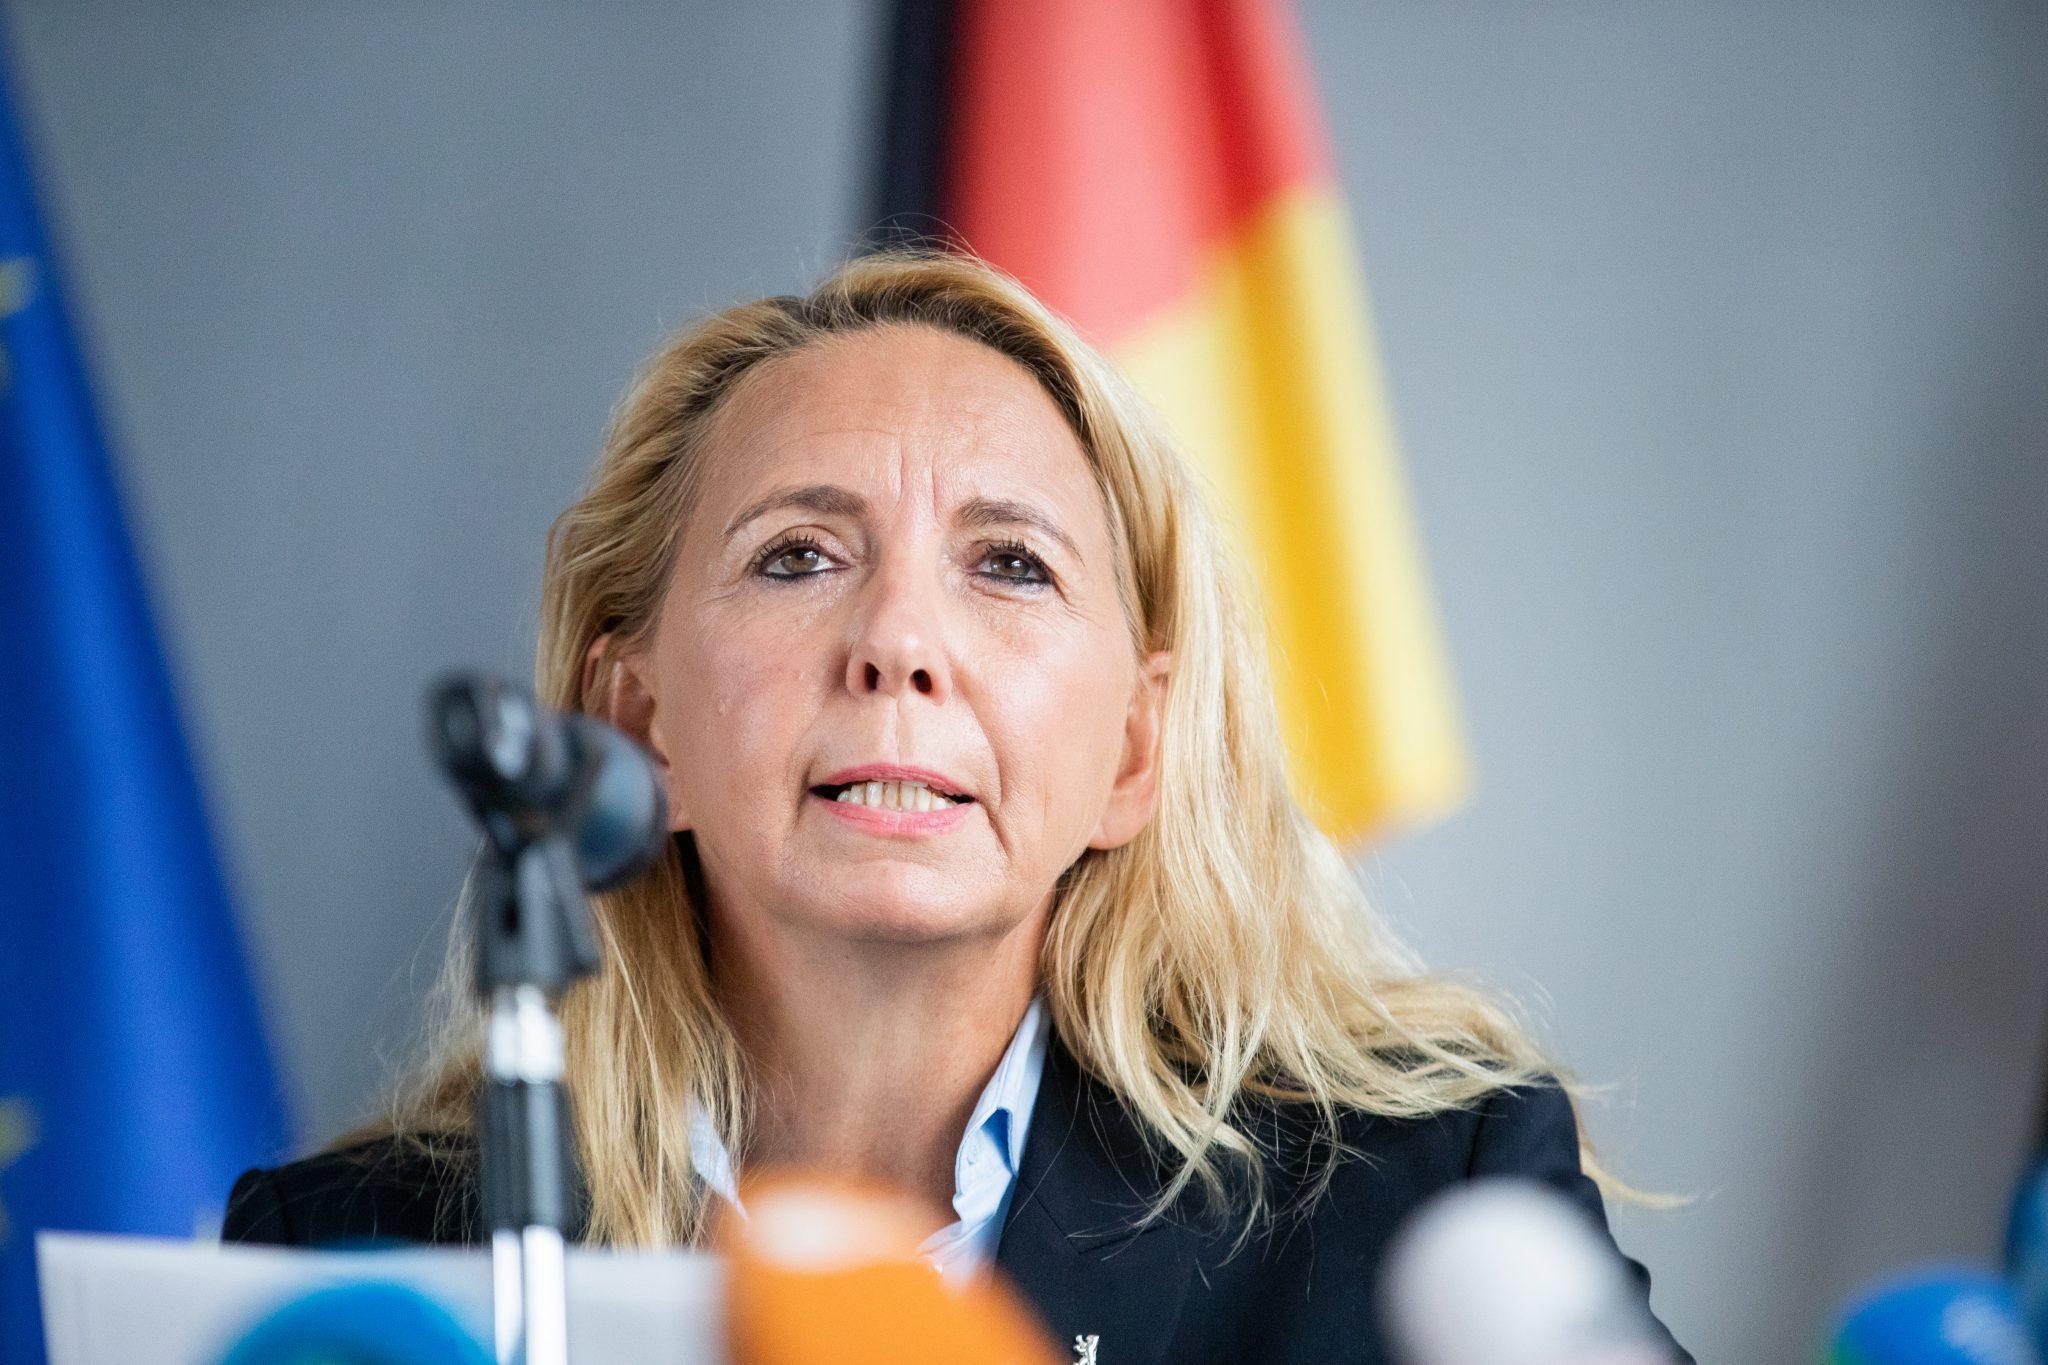 Berlins Polizeipräsidentin Barbara Slowik hatte die Beschwerde gegen das Urteil angekündigt Foto: picture alliance/Christoph Soeder/dpa